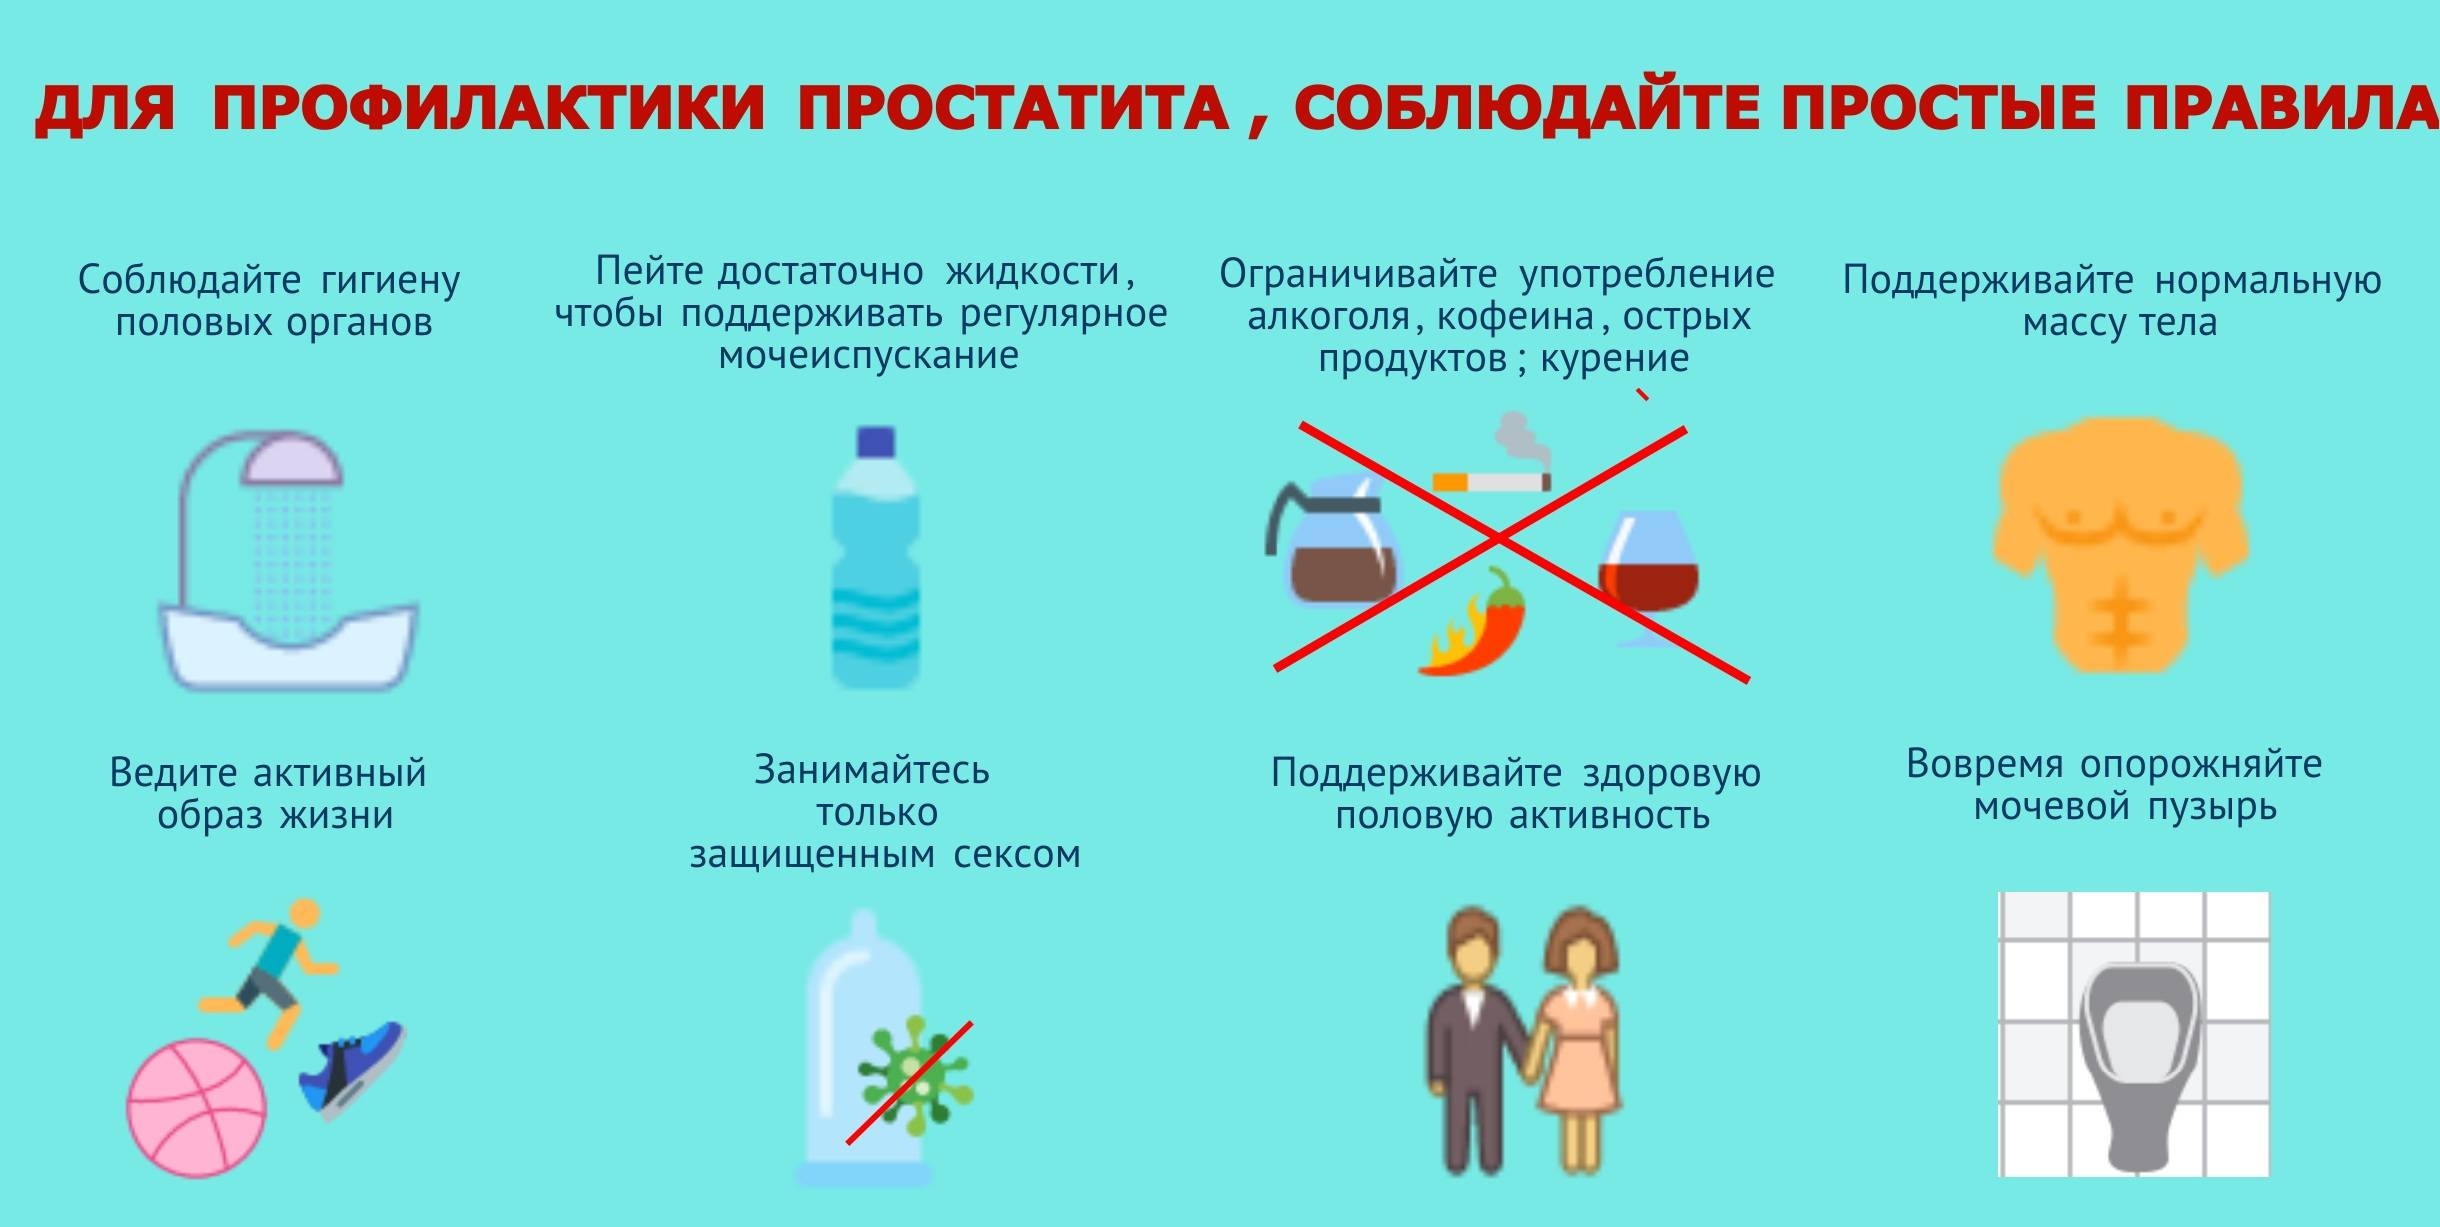 Все о профилактике простатита простатит симптомы лечение народные средства